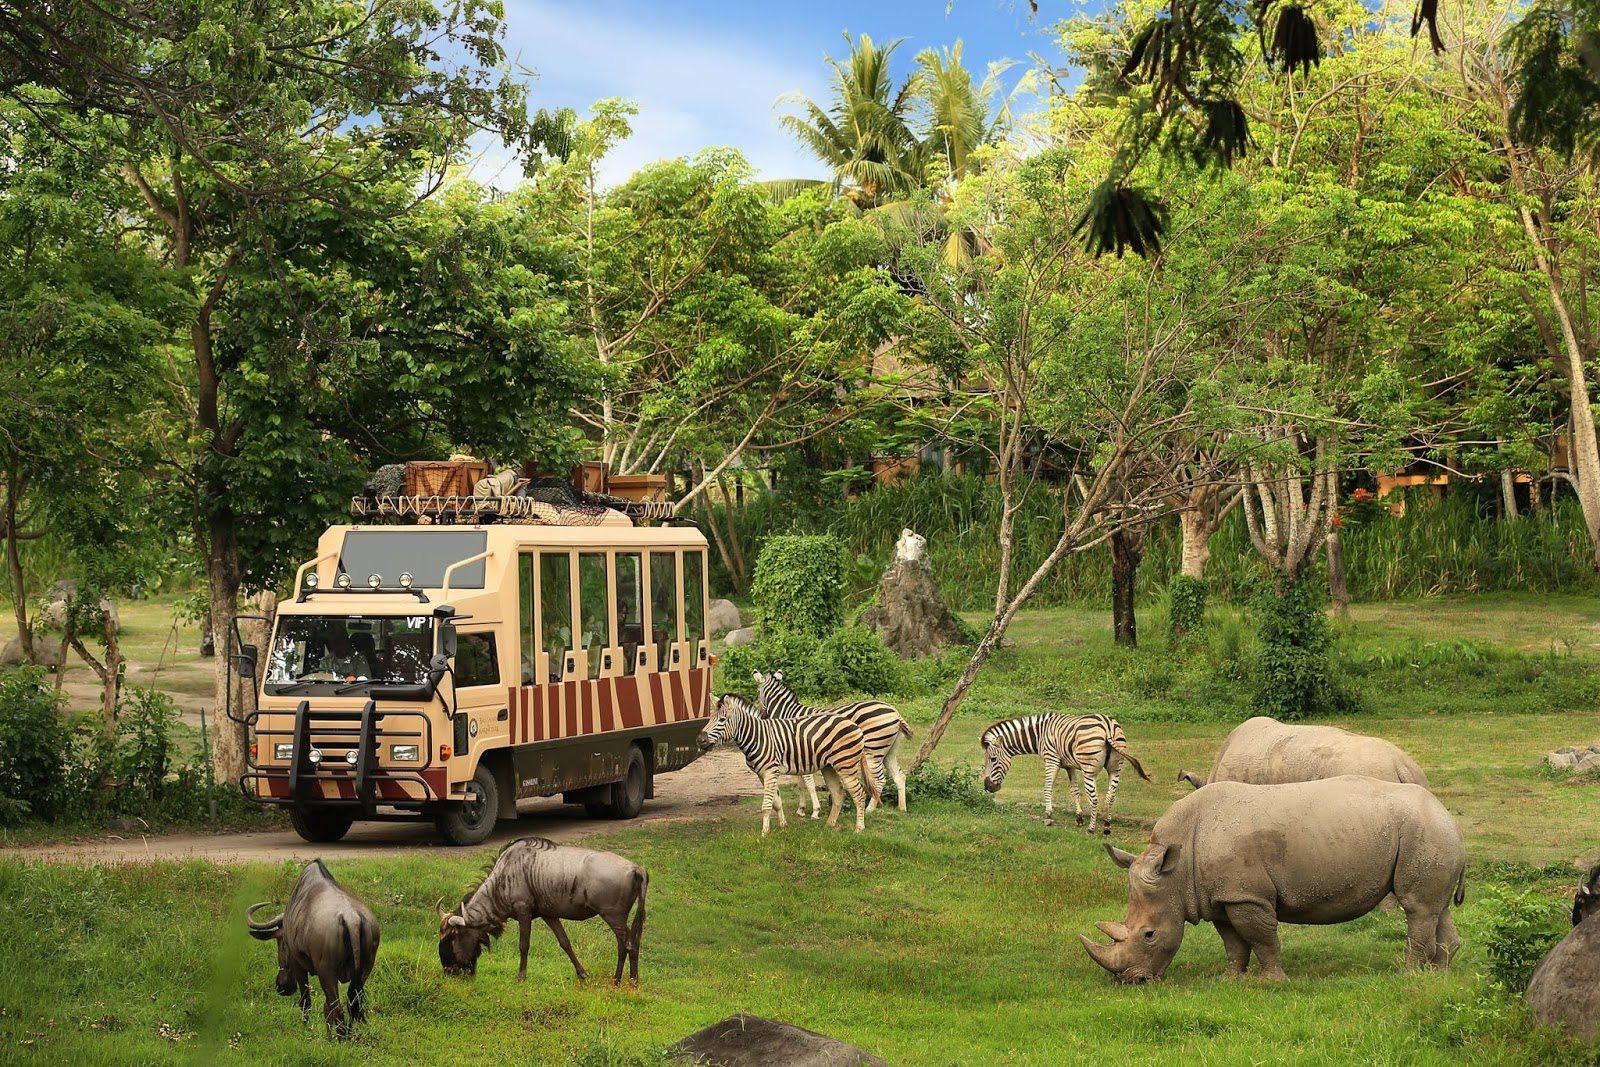 Tempat wisata paling terkenal di Bali